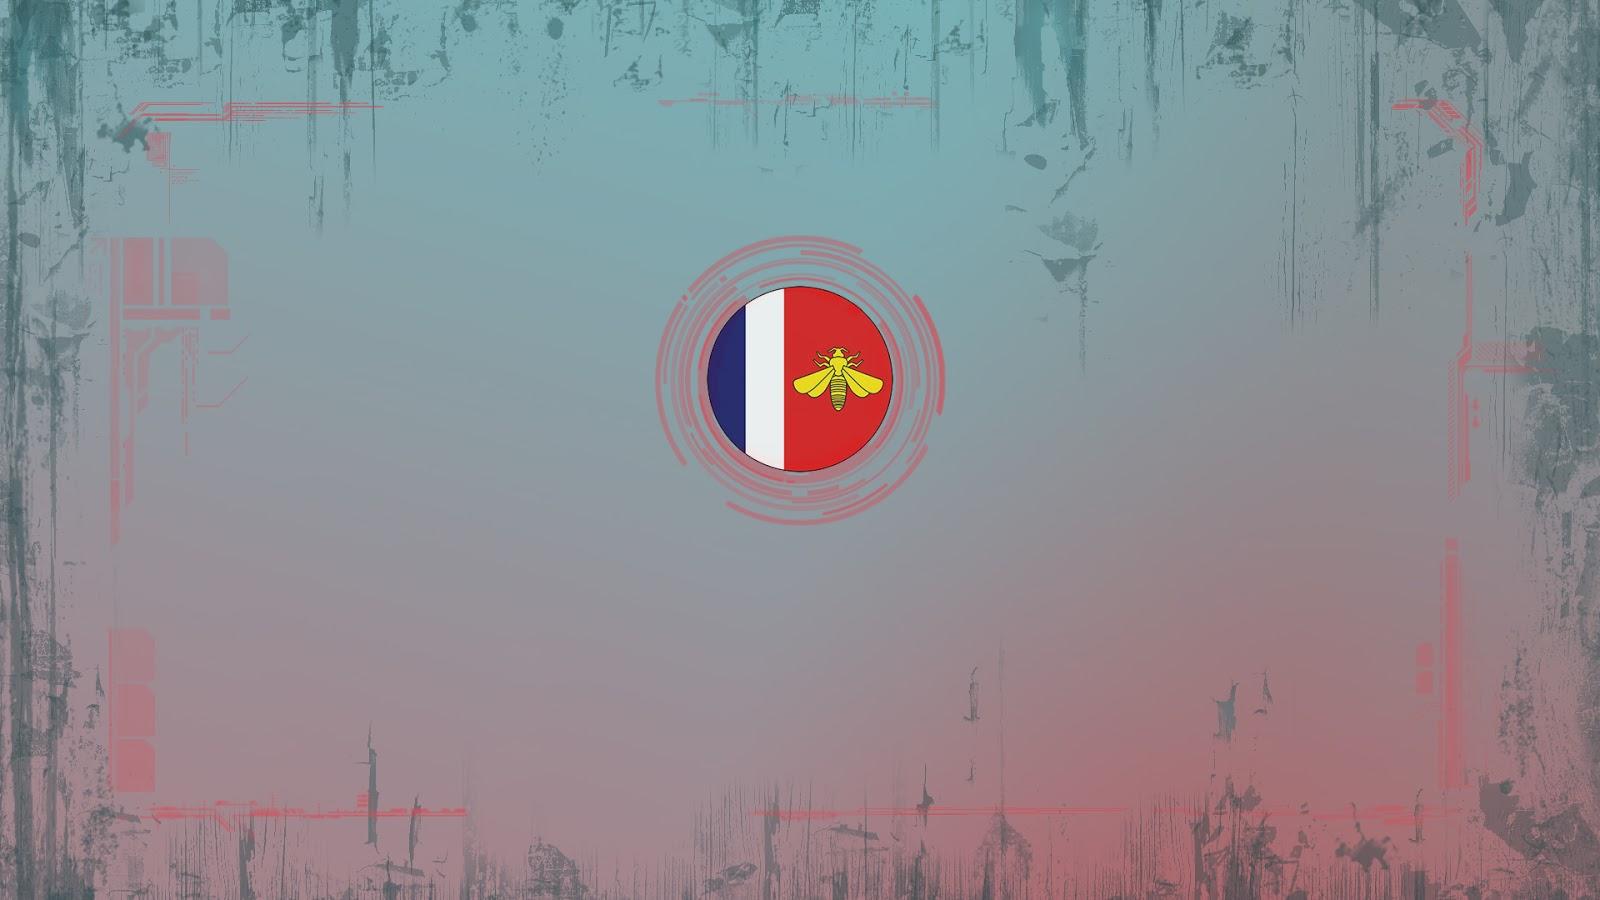 merovingia%2Bwallpaper.jpg